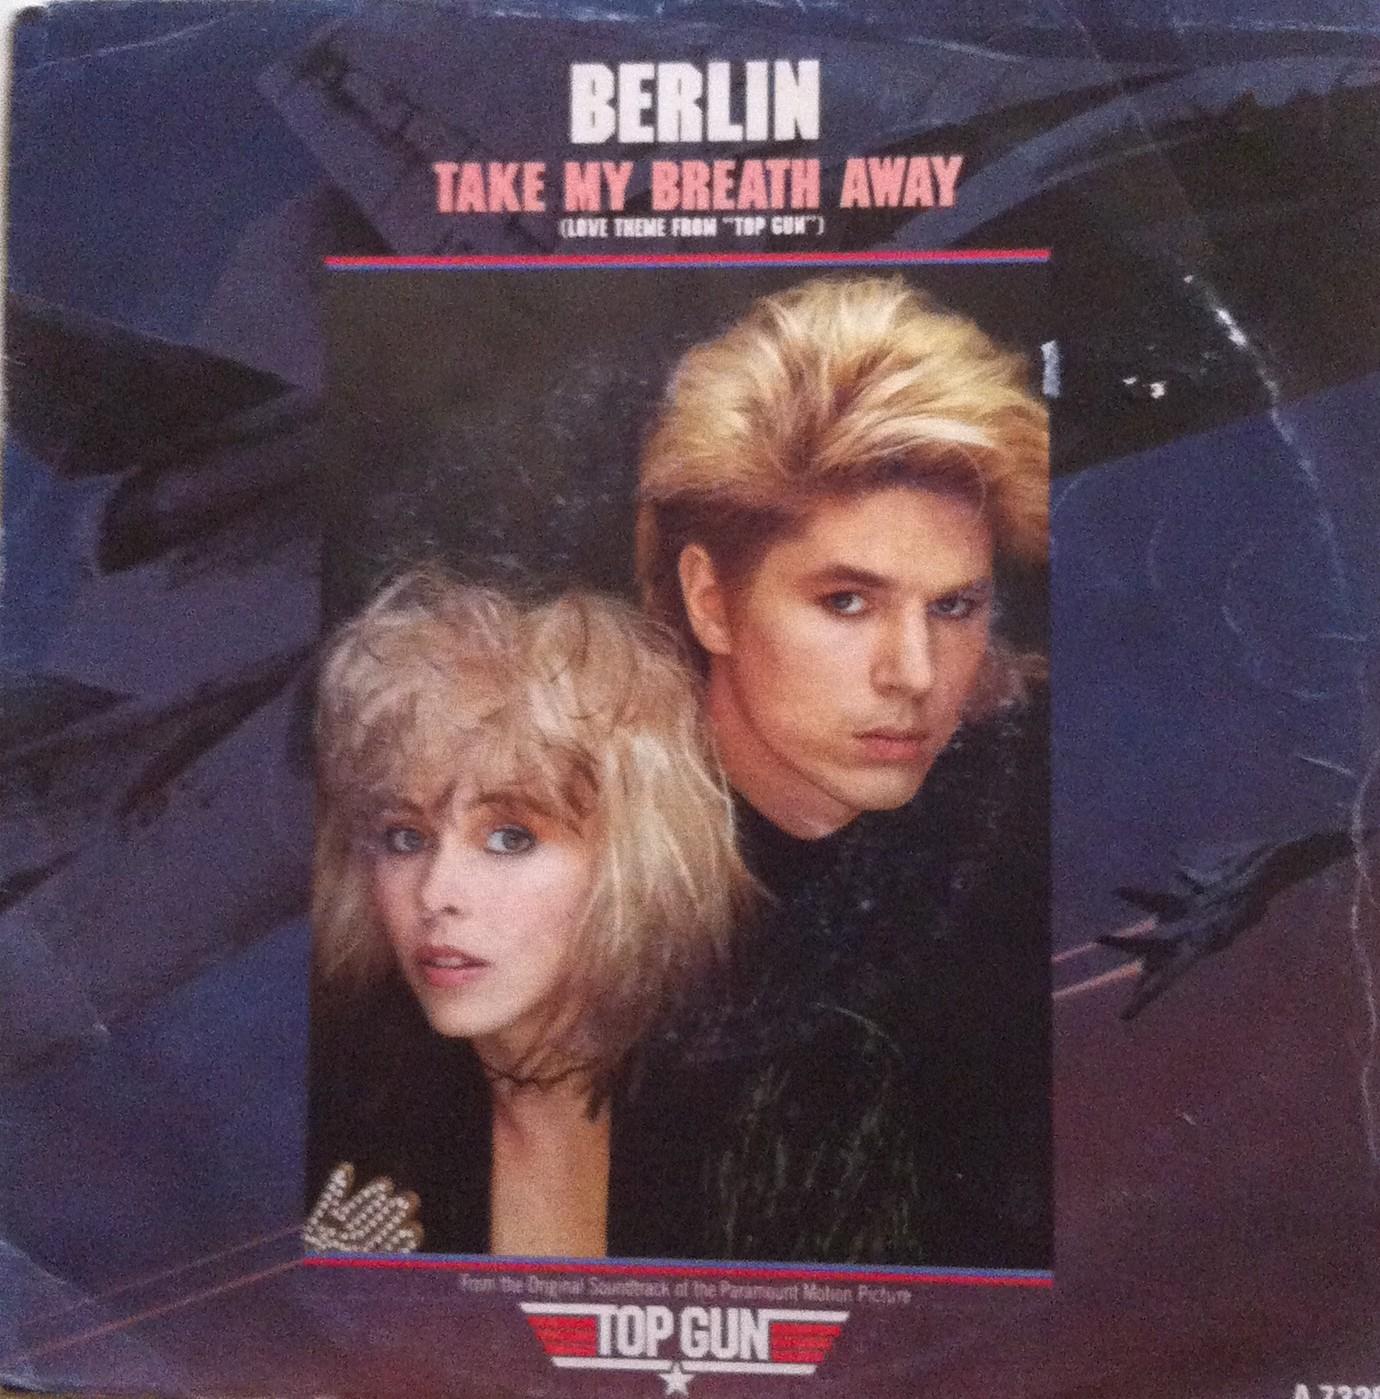 Berlin- Take my breath away : Europa FM